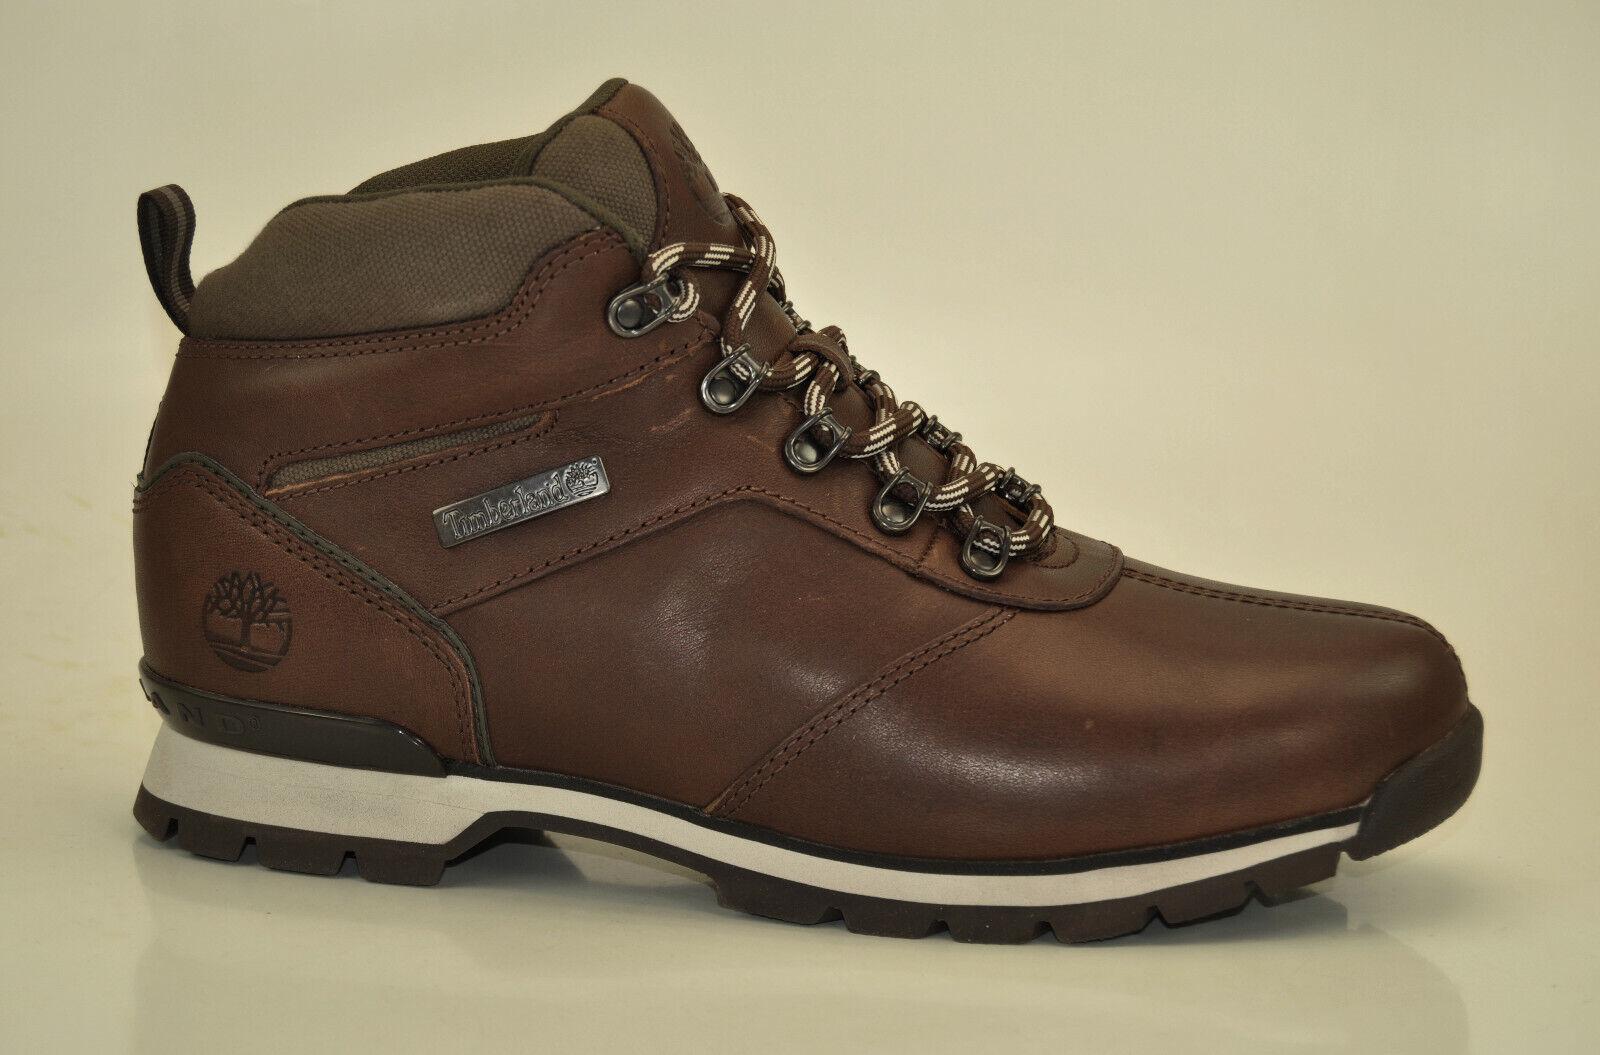 41f20b9a57a Timberland Euro Sprint Hiker Boots Hiking Shoes Trekking Men's Boots A1HN9